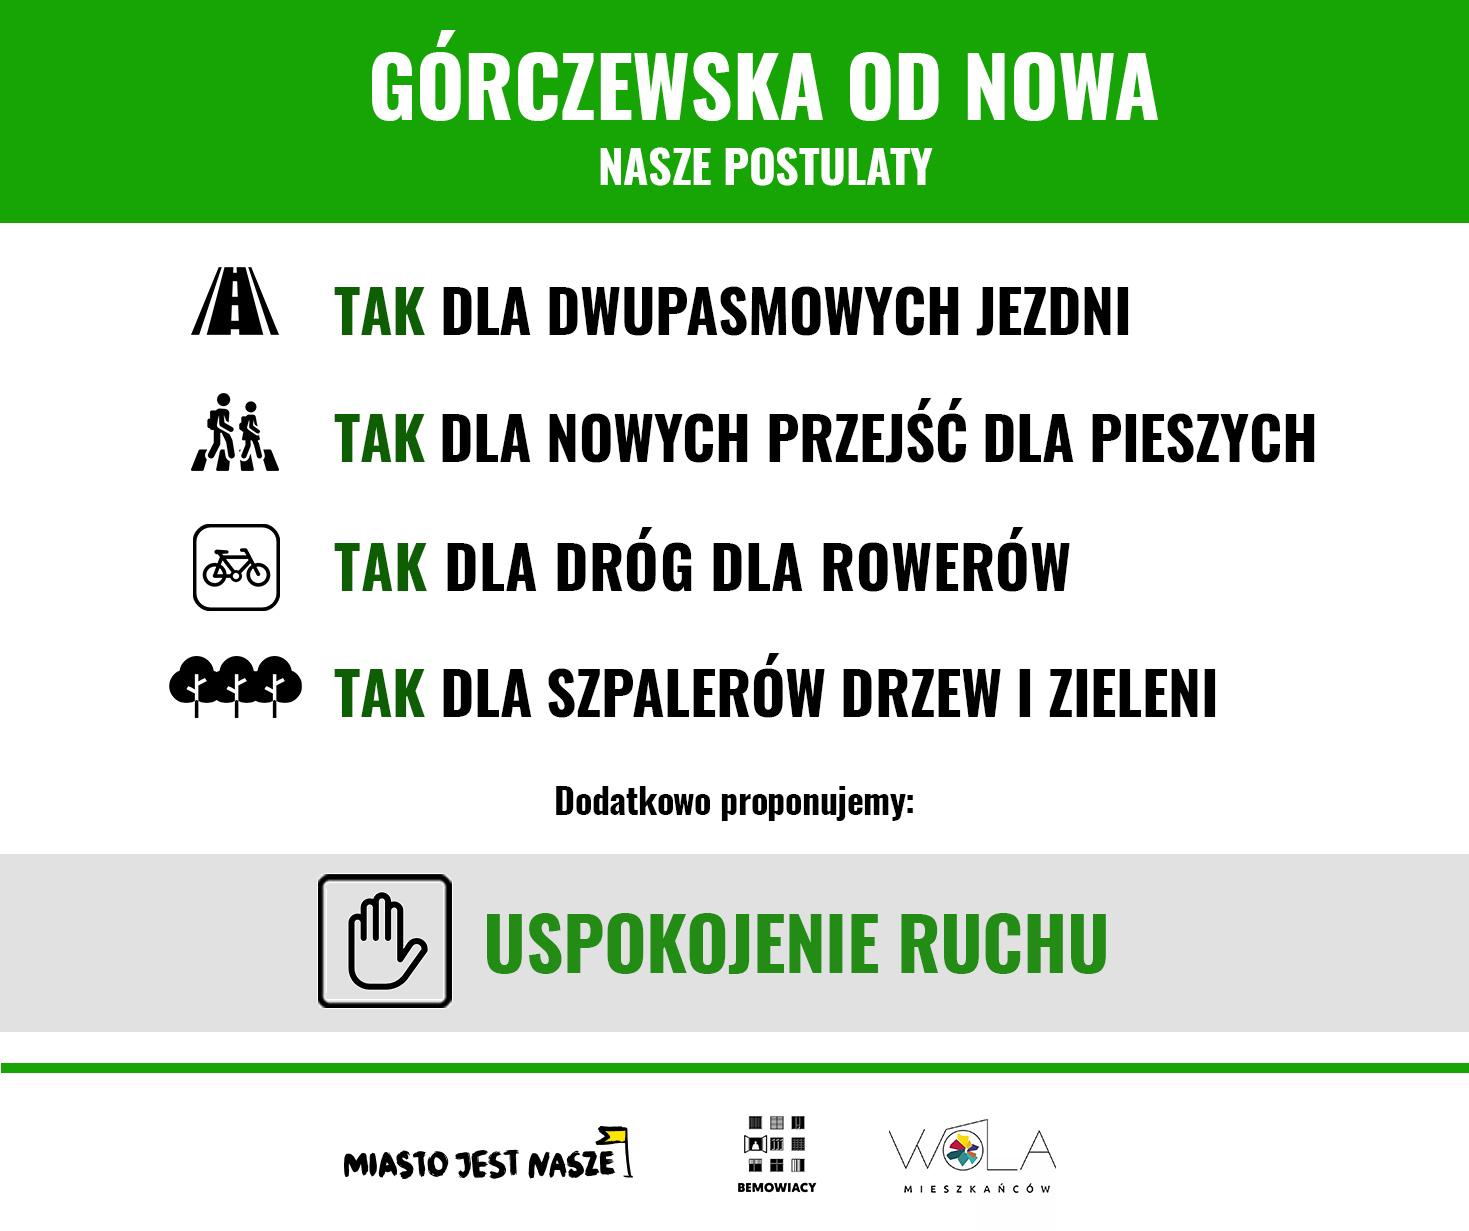 Nowa Górczzewska - konsultacje społeczne